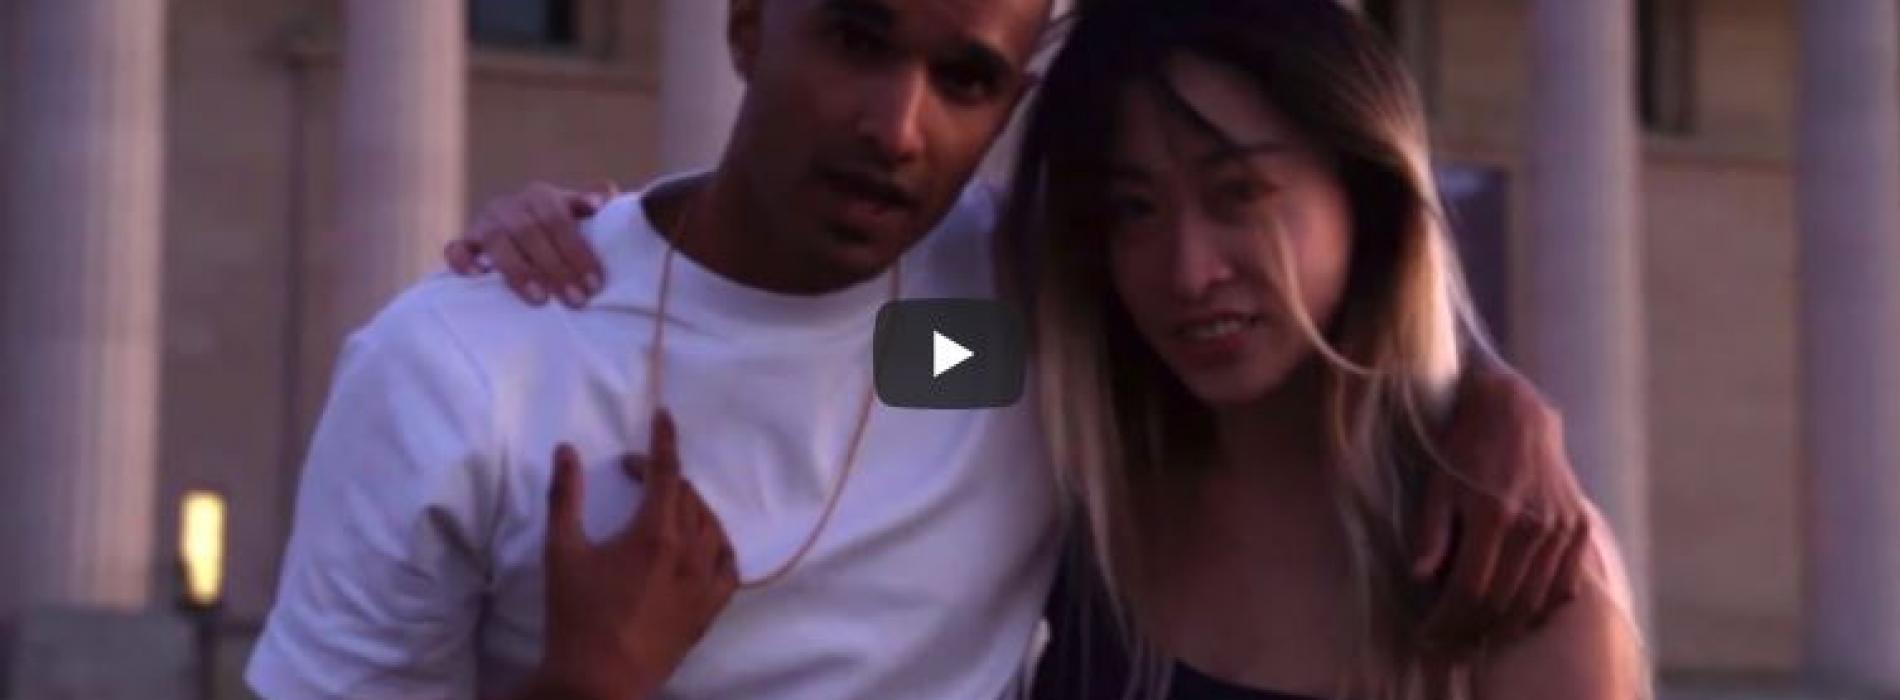 Assasinandie – WELCM 2 MA LYF VIDEO (Prod Assasinandie)